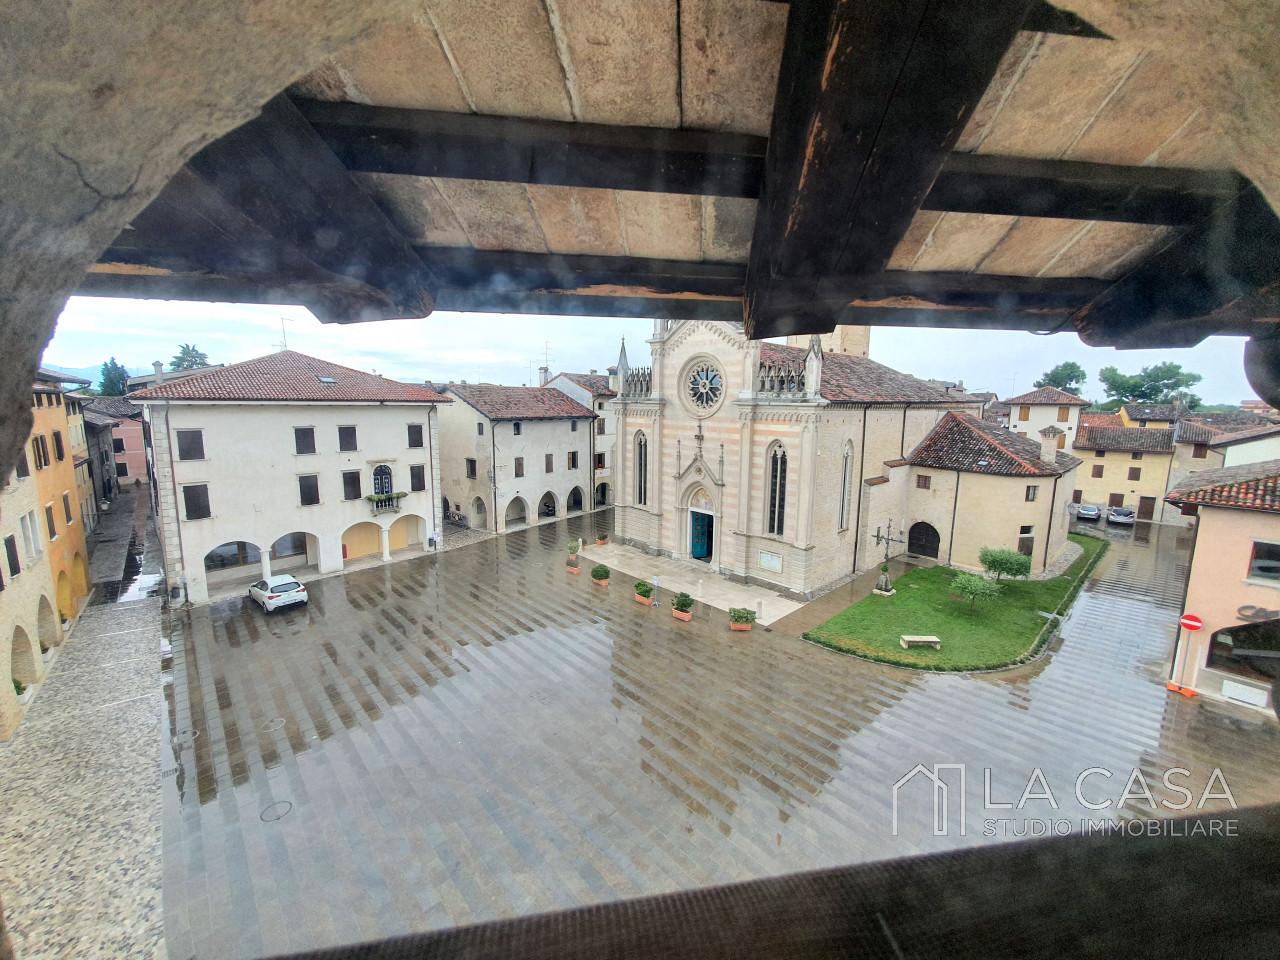 Terracielo nel centro storico di Valvasone - Rif.A11Aff https://media.gestionaleimmobiliare.it/foto/annunci/200630/2264511/1280x1280/017__20200629_161239_wmk_0.jpg